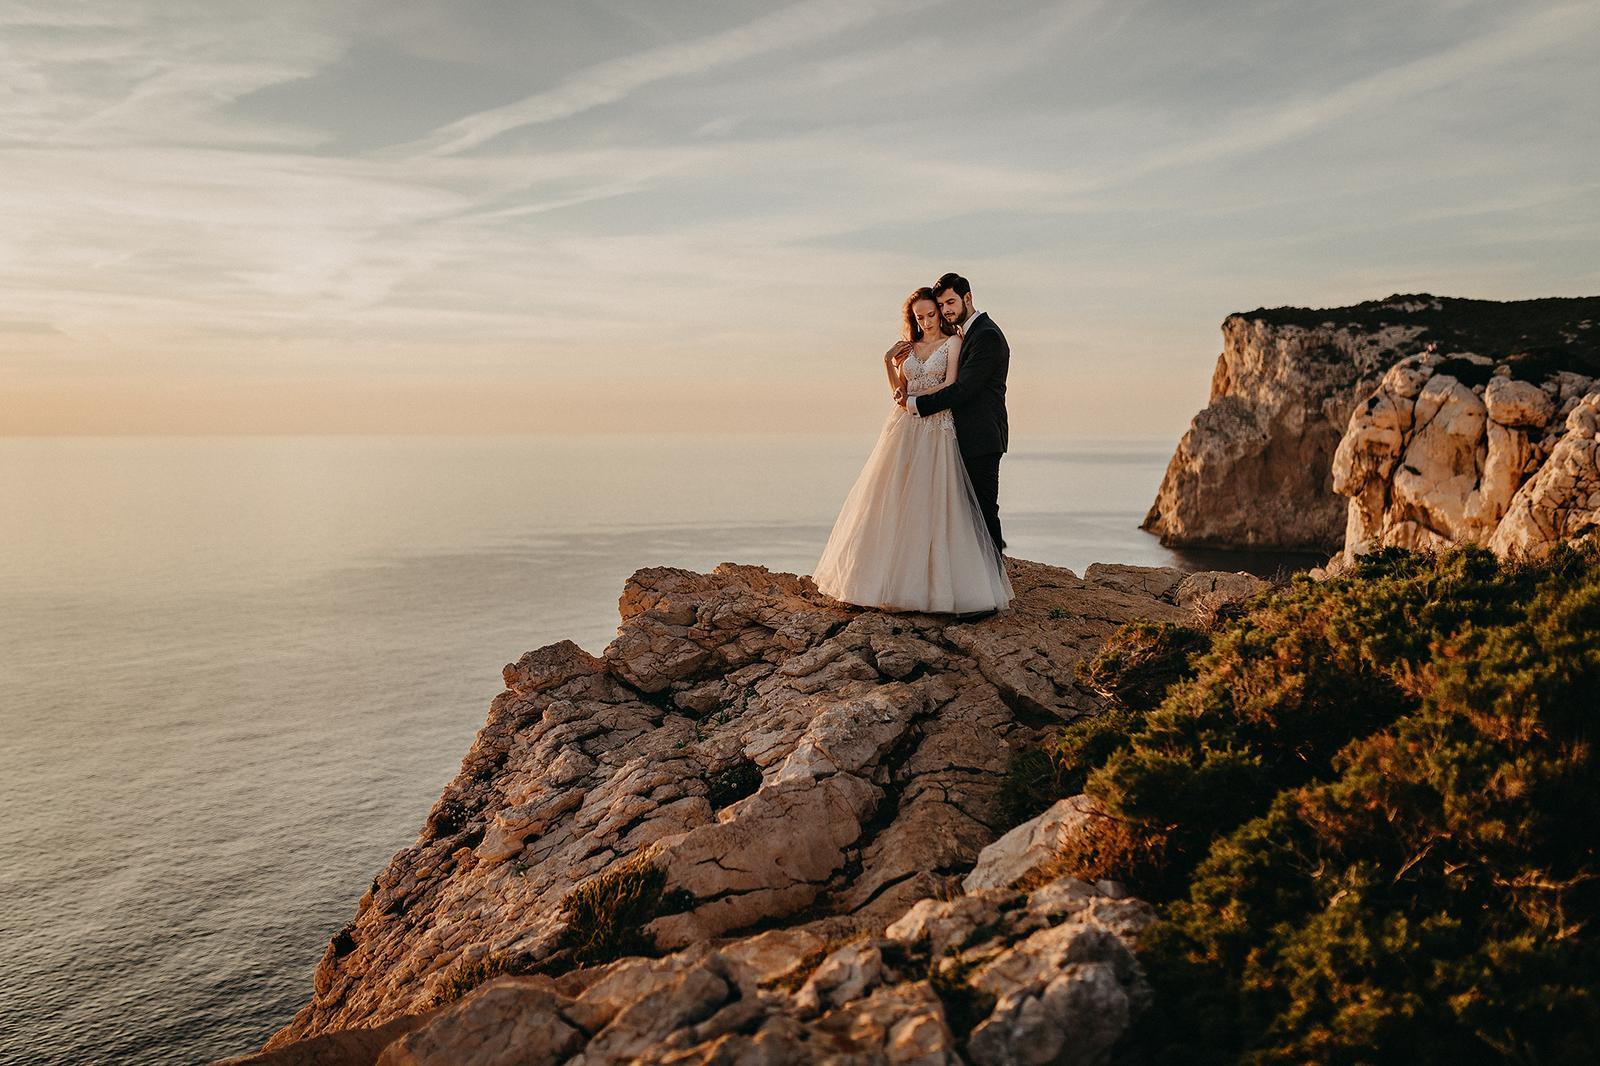 Naše svadobné fotenie na Sardínii - Obrázok č. 65